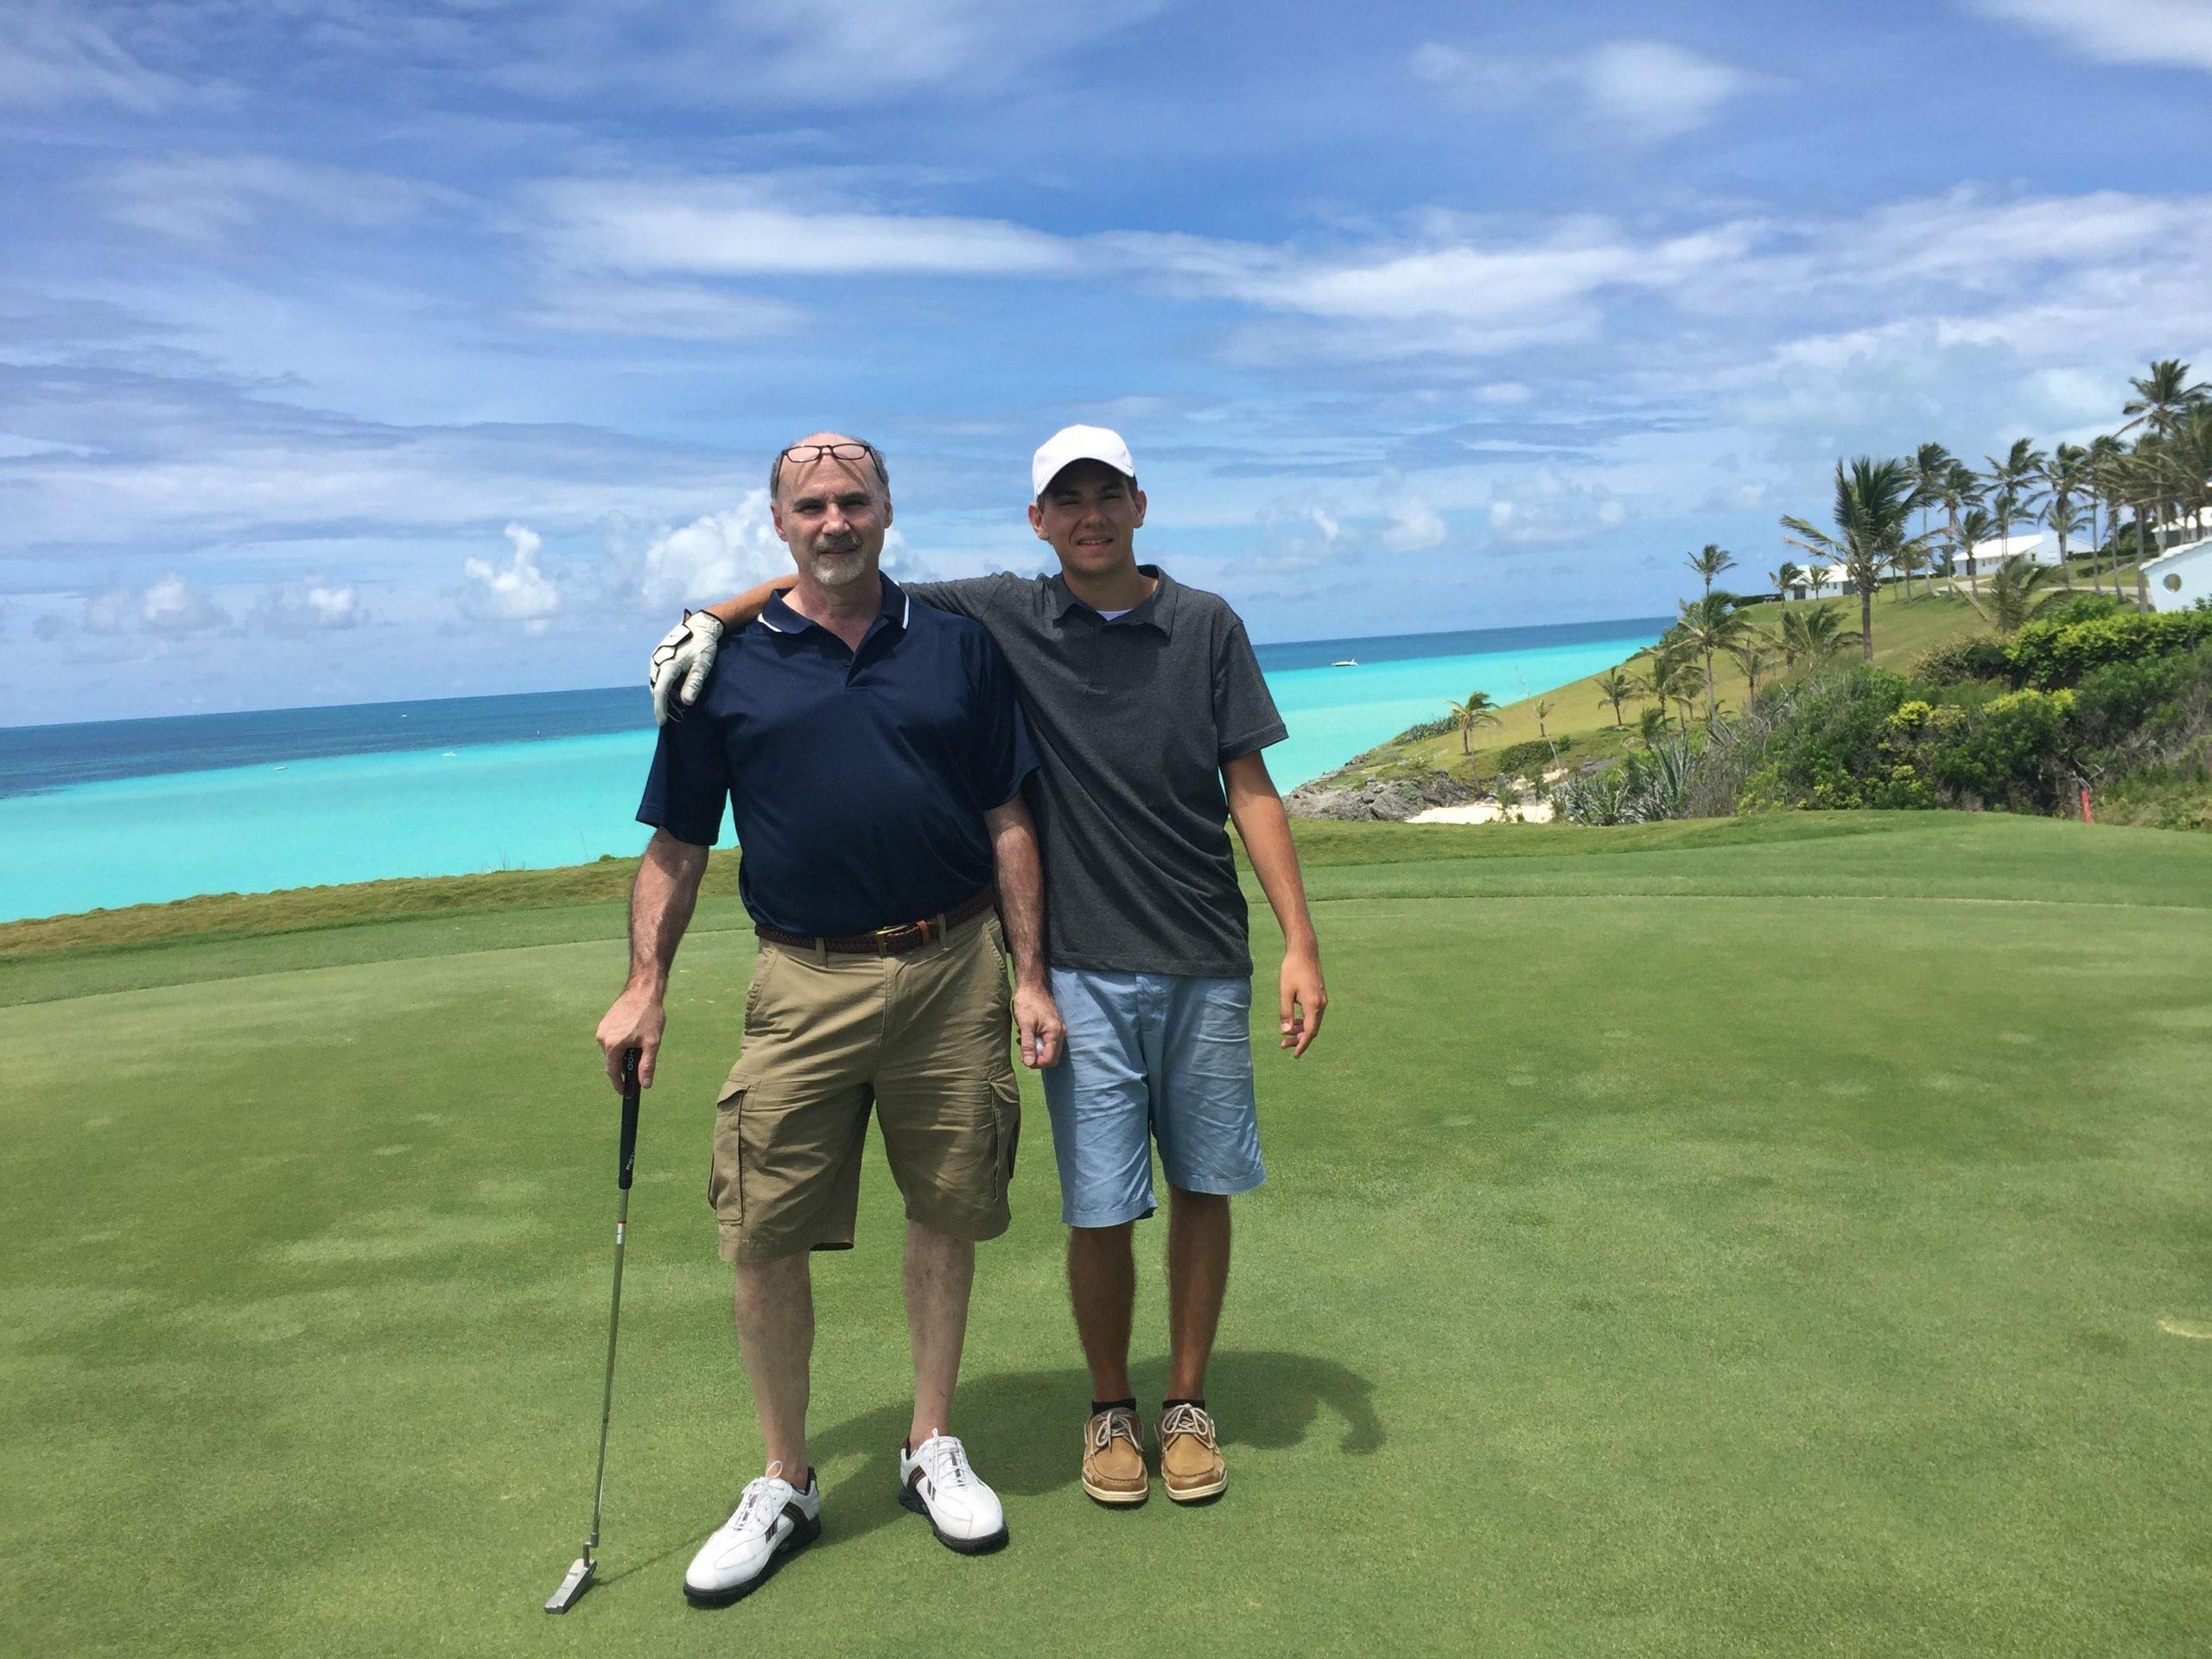 Stuart Brenner Memorial Golf Outing